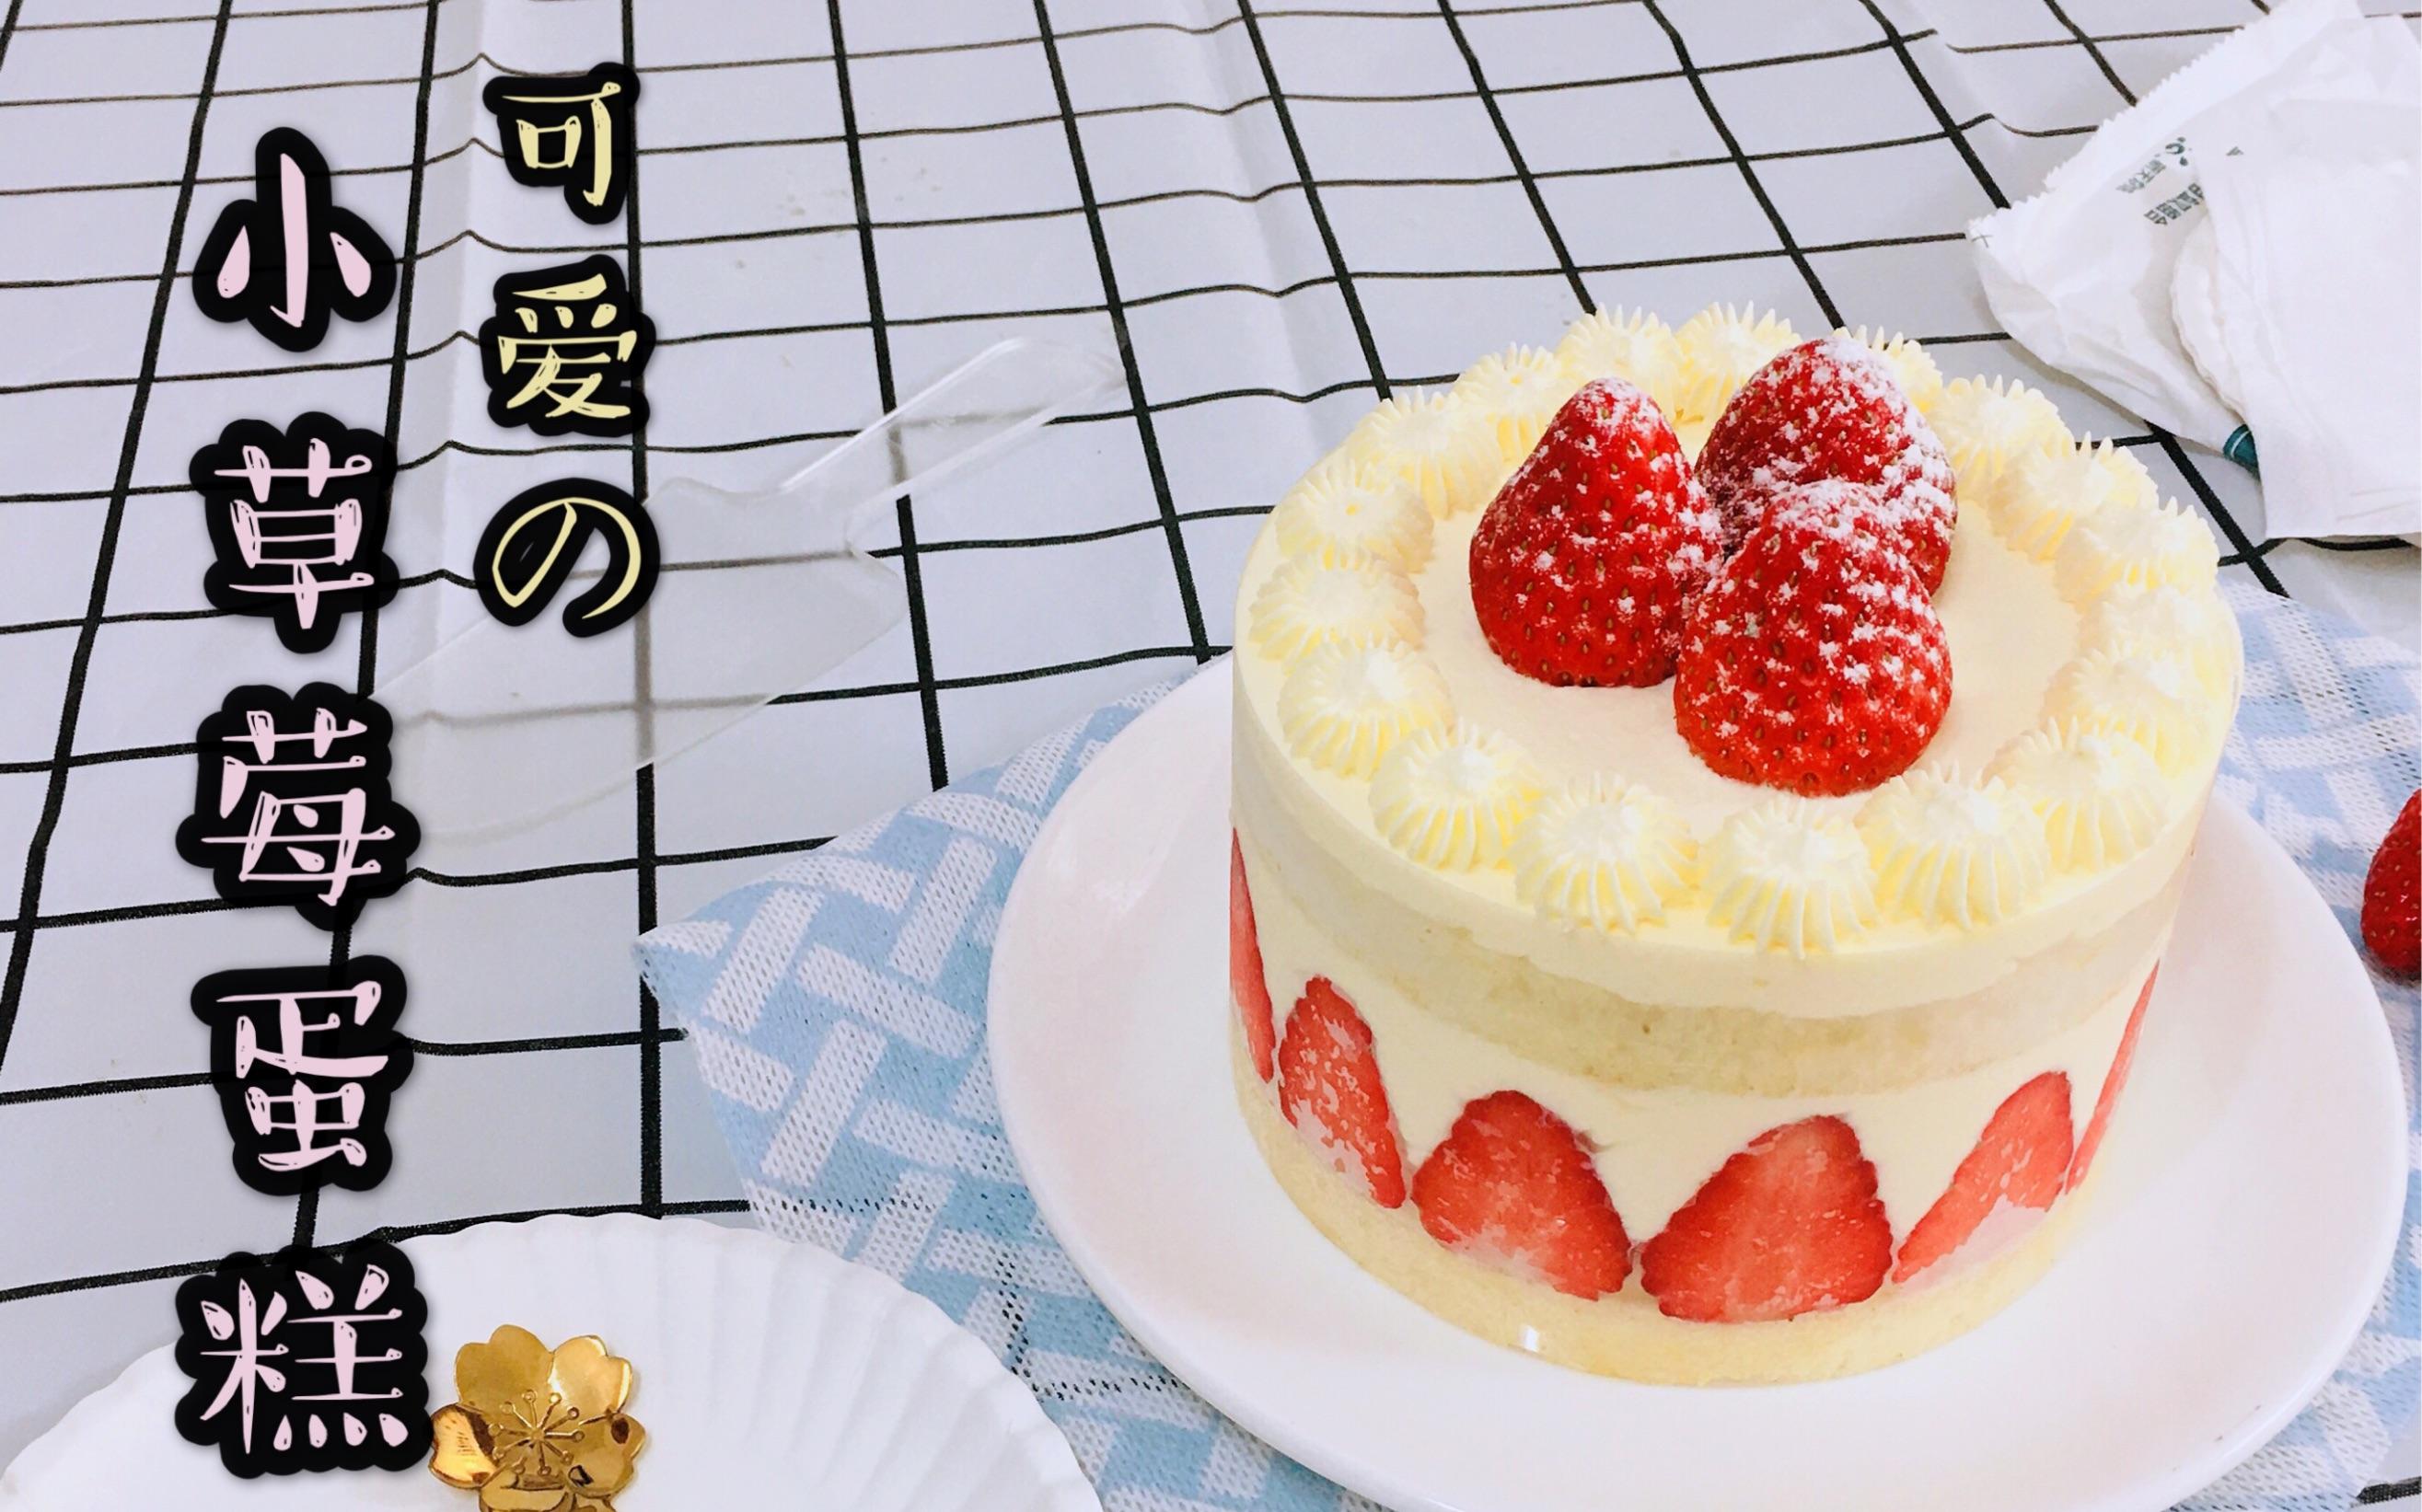 制作小甜品和蛋糕视频_小草莓蛋糕|草莓上市,可爱哒小草莓收好~_哔哩哔哩 (゜-゜)つ ...